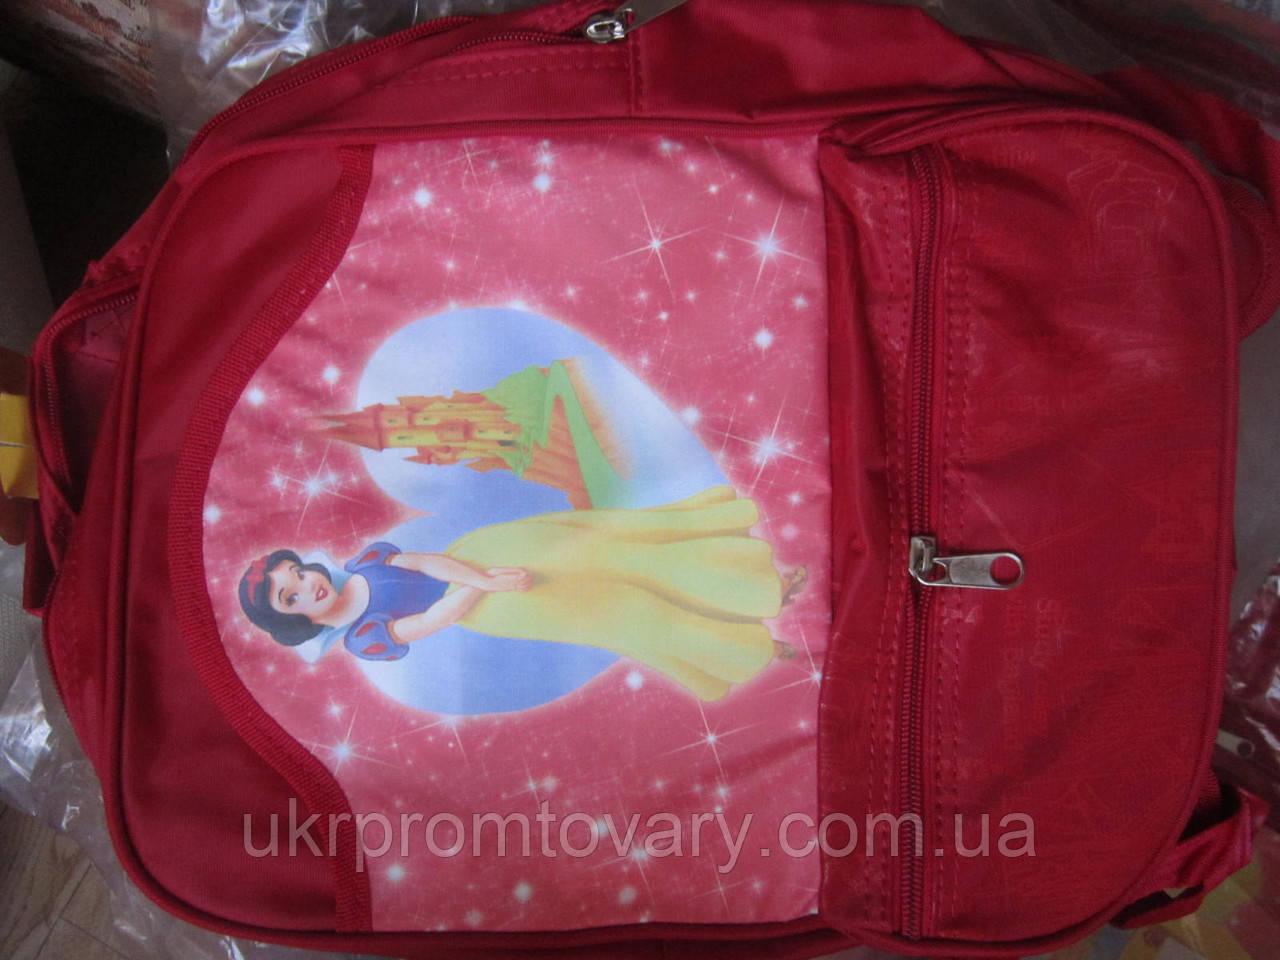 Рюкзак школьный Принцесса, белоснежка Bagland Первоклассник . Цвет в ассортименте